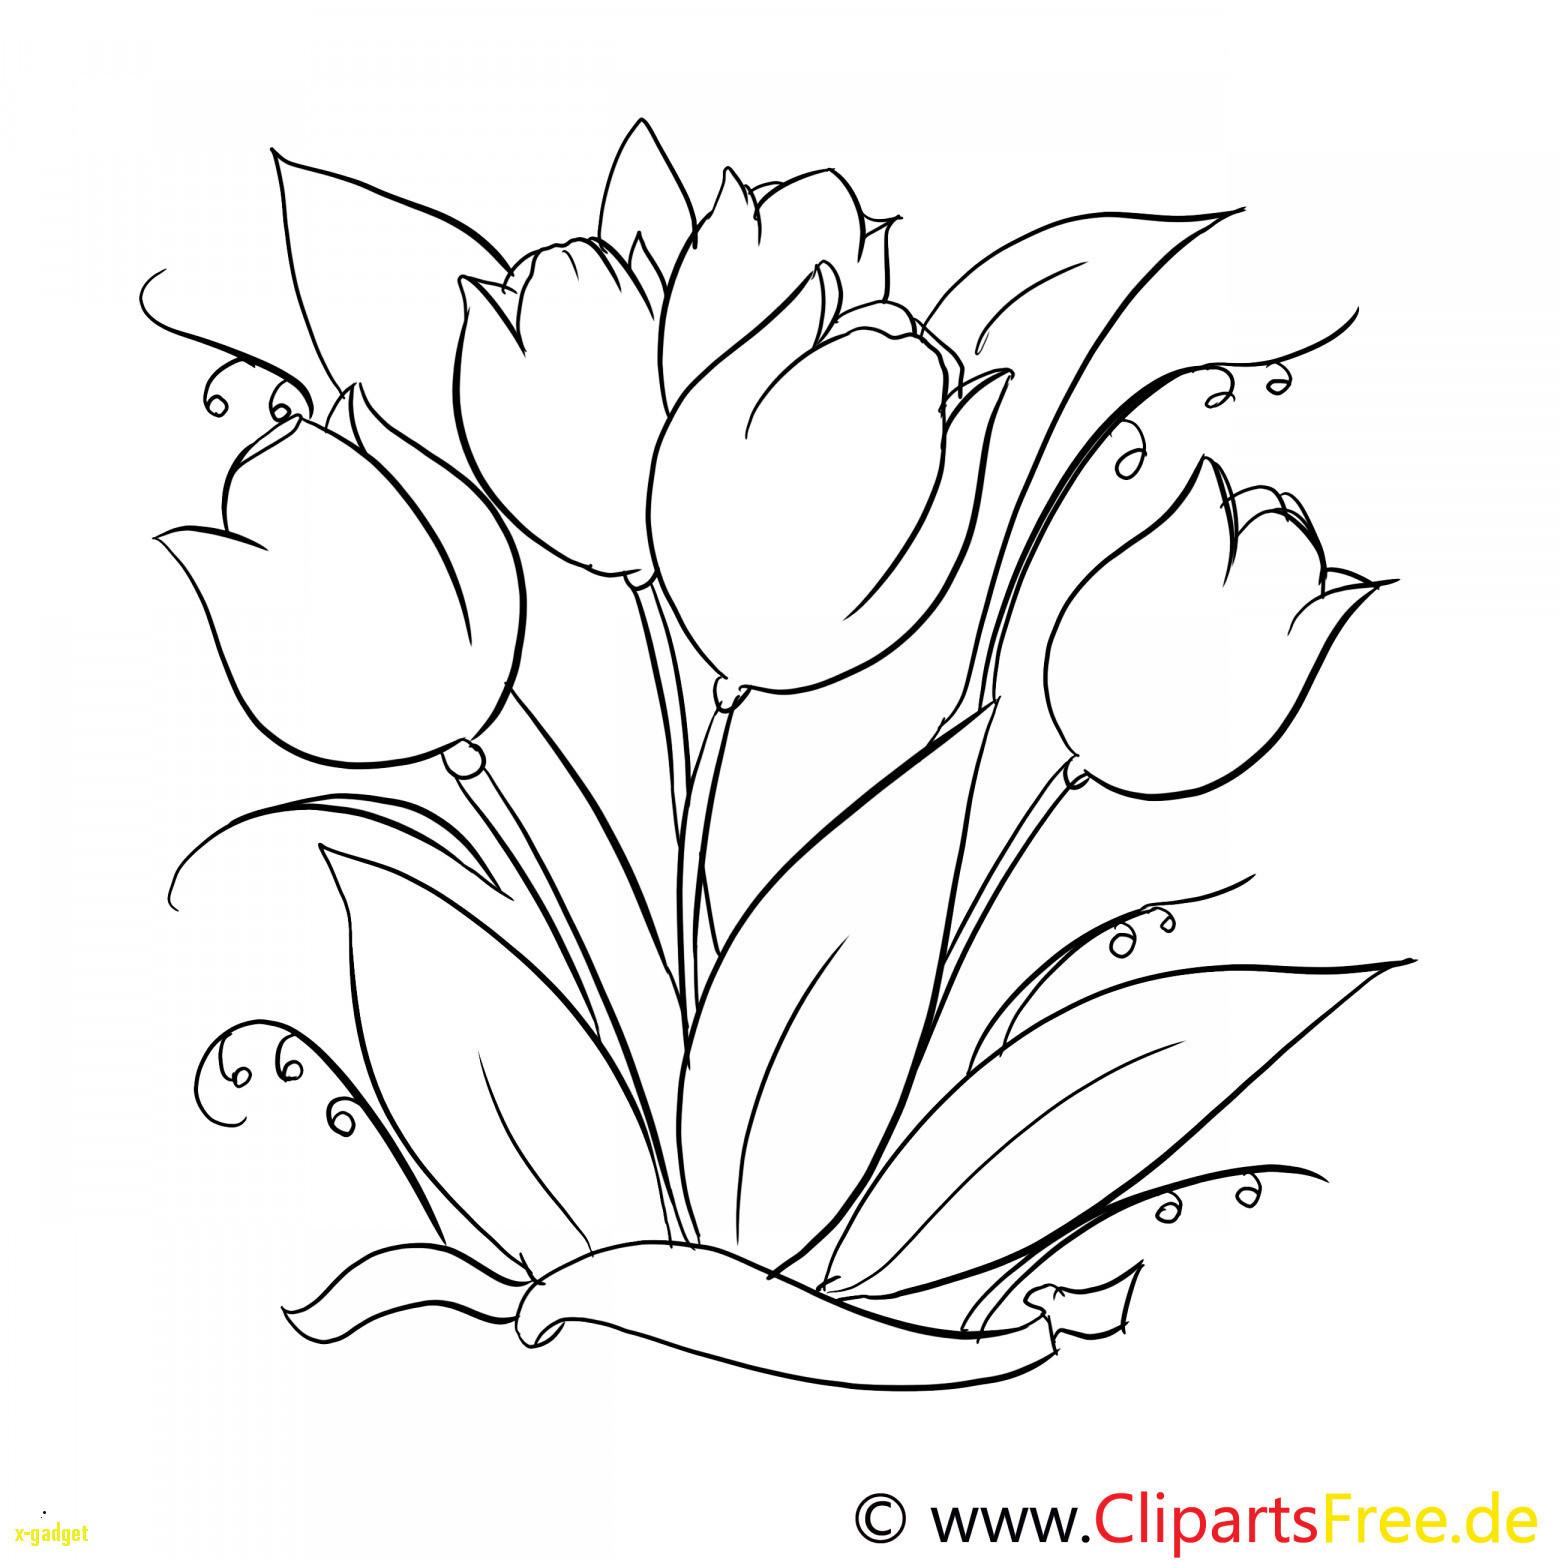 Ausmalbilder Rosen Mit Herz Das Beste Von Malvorlagen Blumen Rosen Unique Graphie Ausmalbilder Blumen Fotografieren